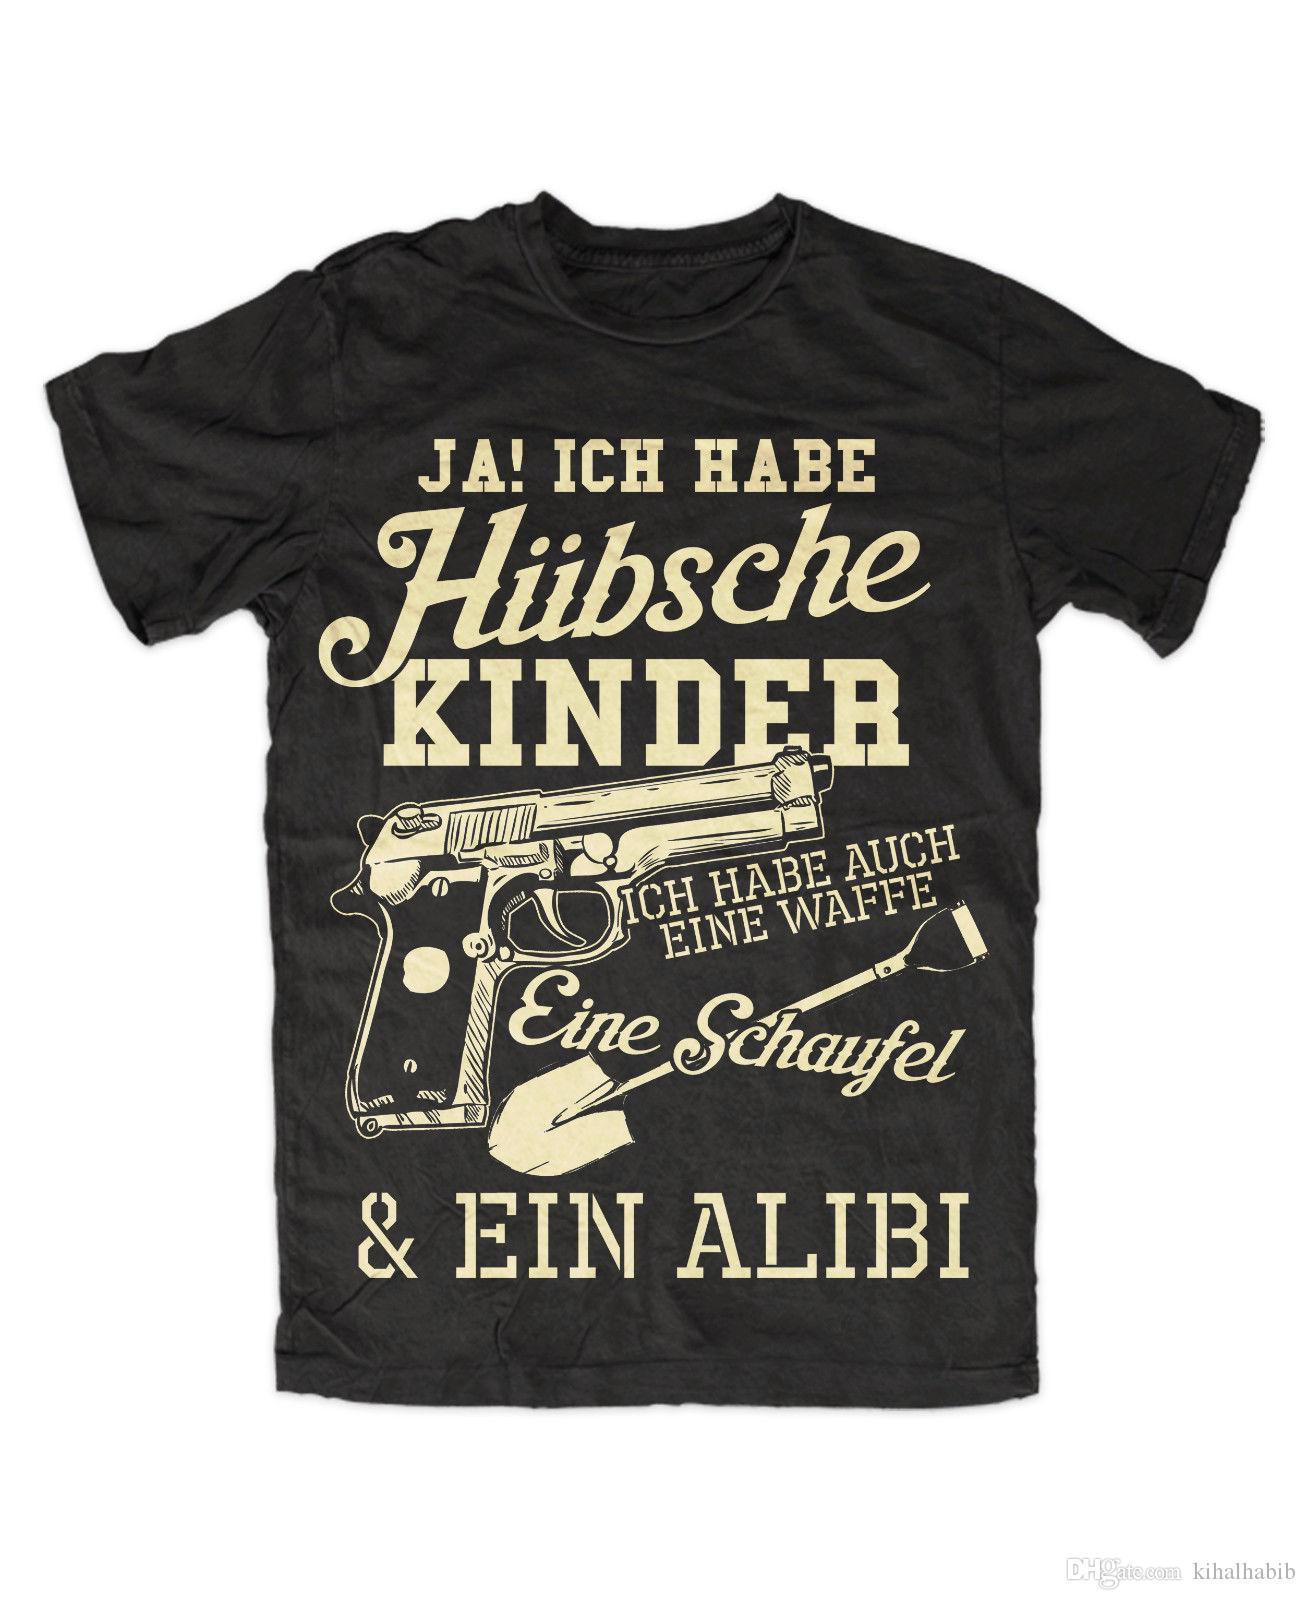 Ich Habe Hübsche Kinder T Shirt Vater Spruch Schaufel Waffe Alibi